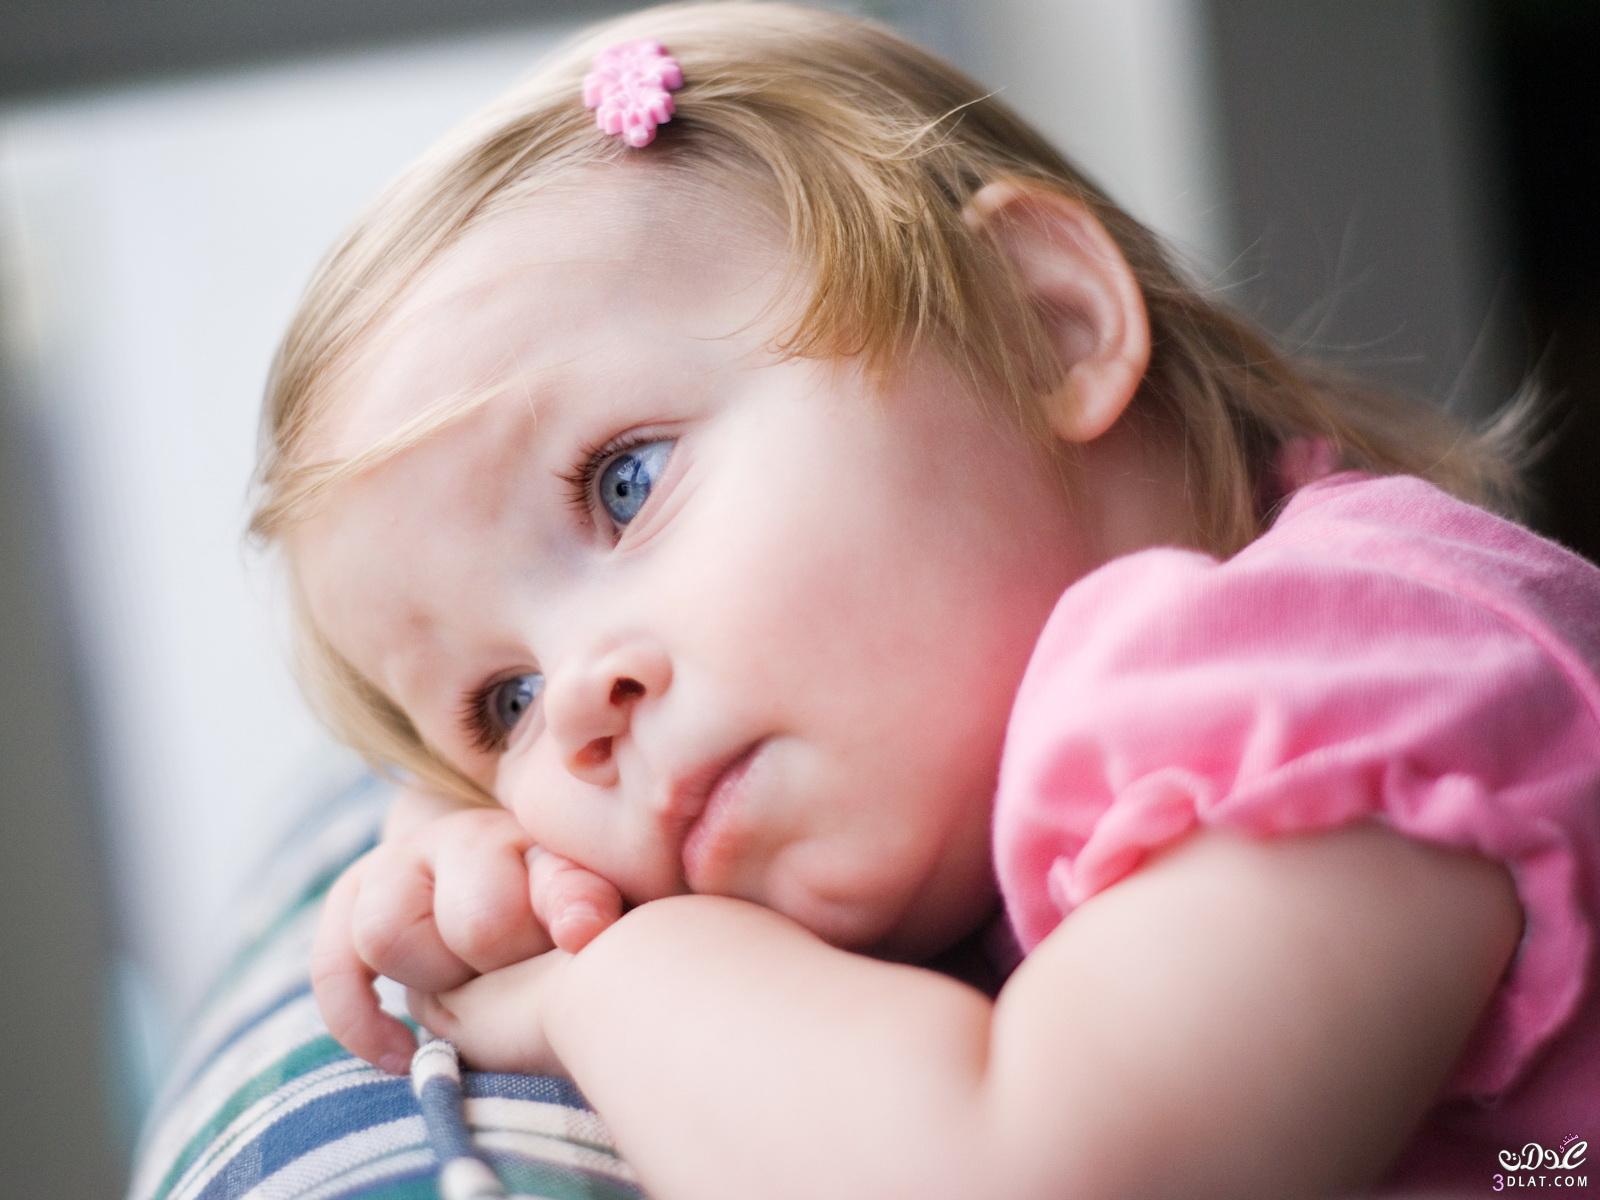 بالصور كلام عن براءة الاطفال , اجمل العبارات التي تصف براءة الاطفال 11472 5